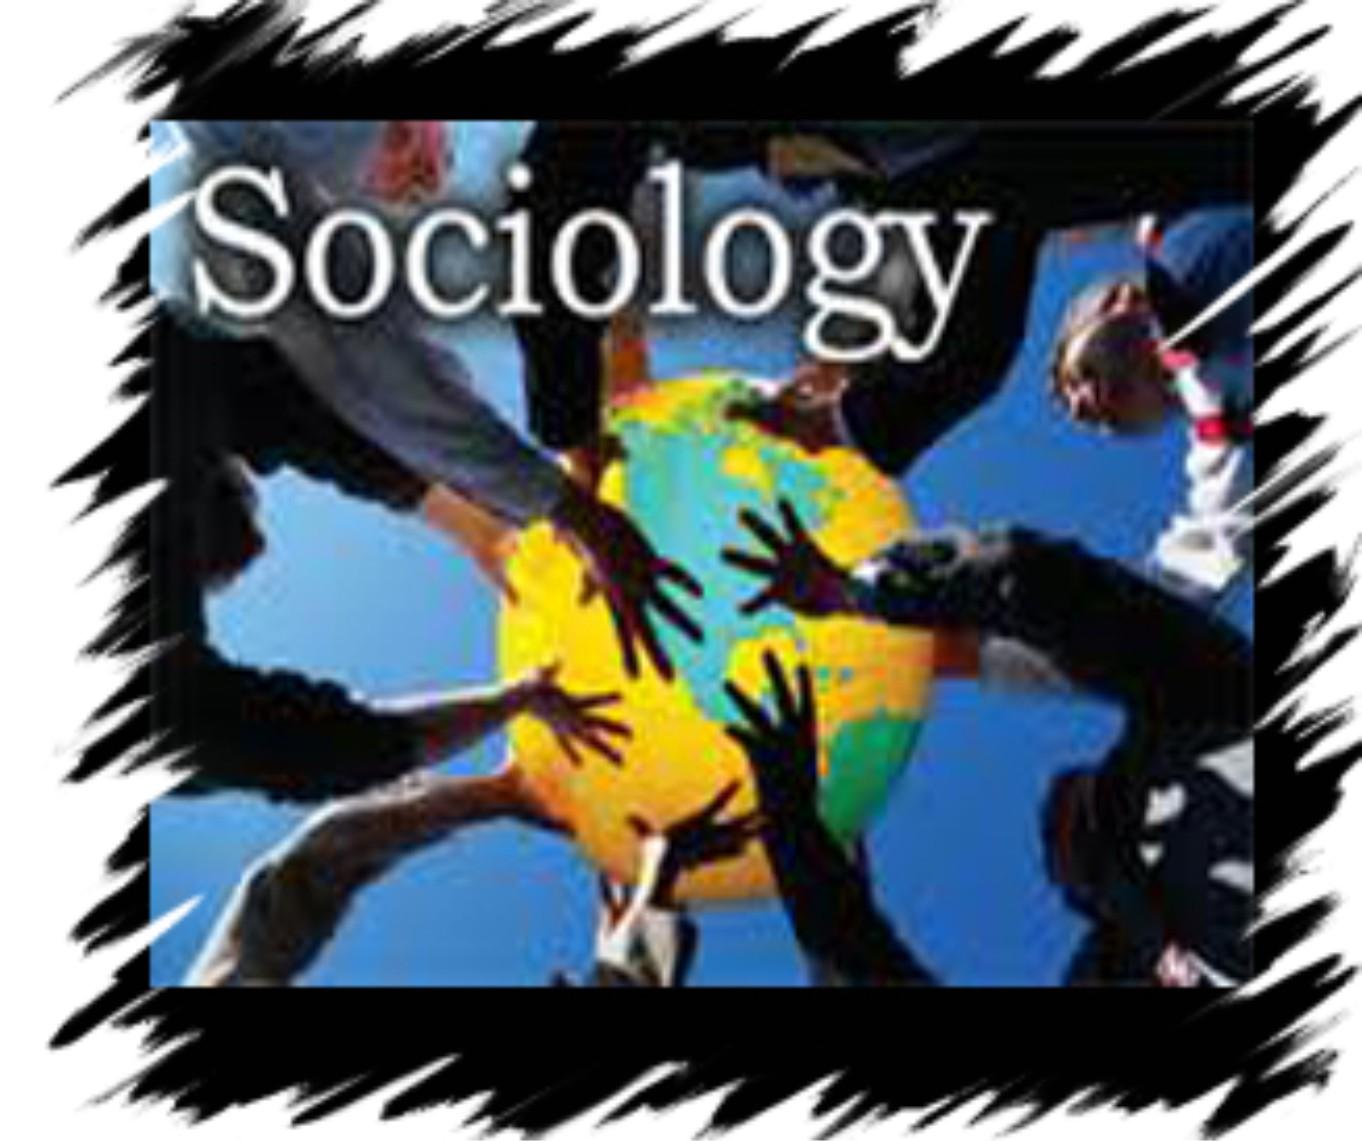 Download Soal Un Sosiologi Sma Kumpulan Soal